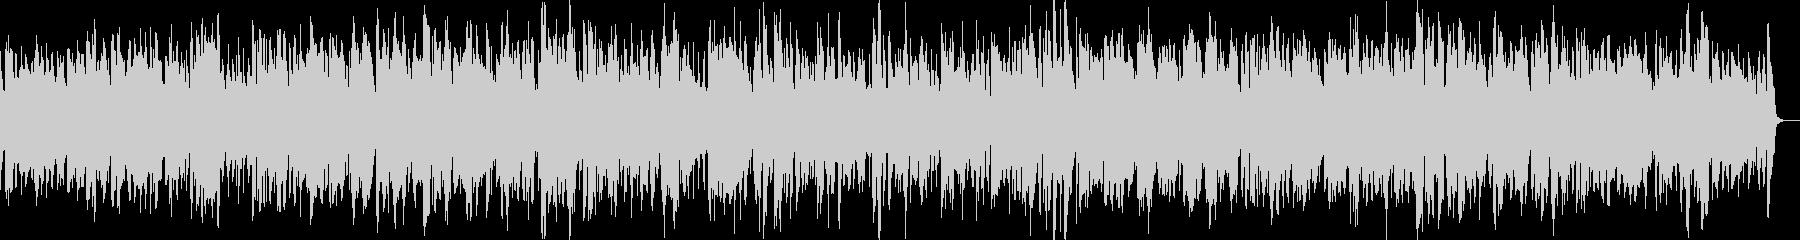 アルトサックスのやさしいバラードの未再生の波形